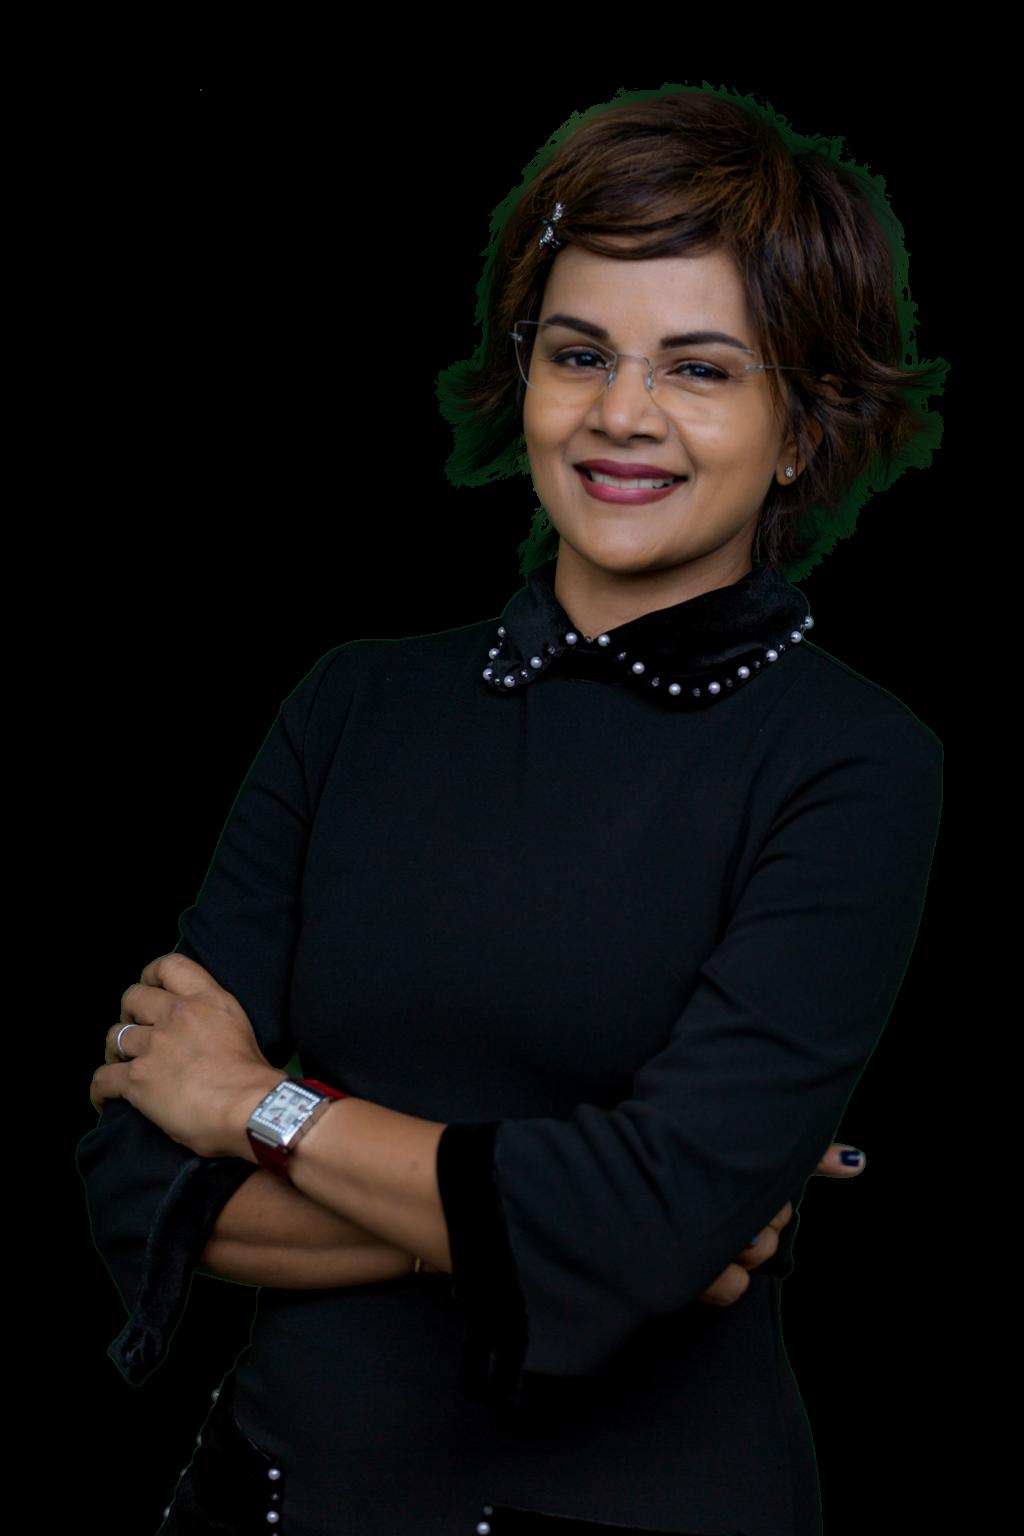 Indira Couch - CEO of ActionEDGE Trinidad & Tobago